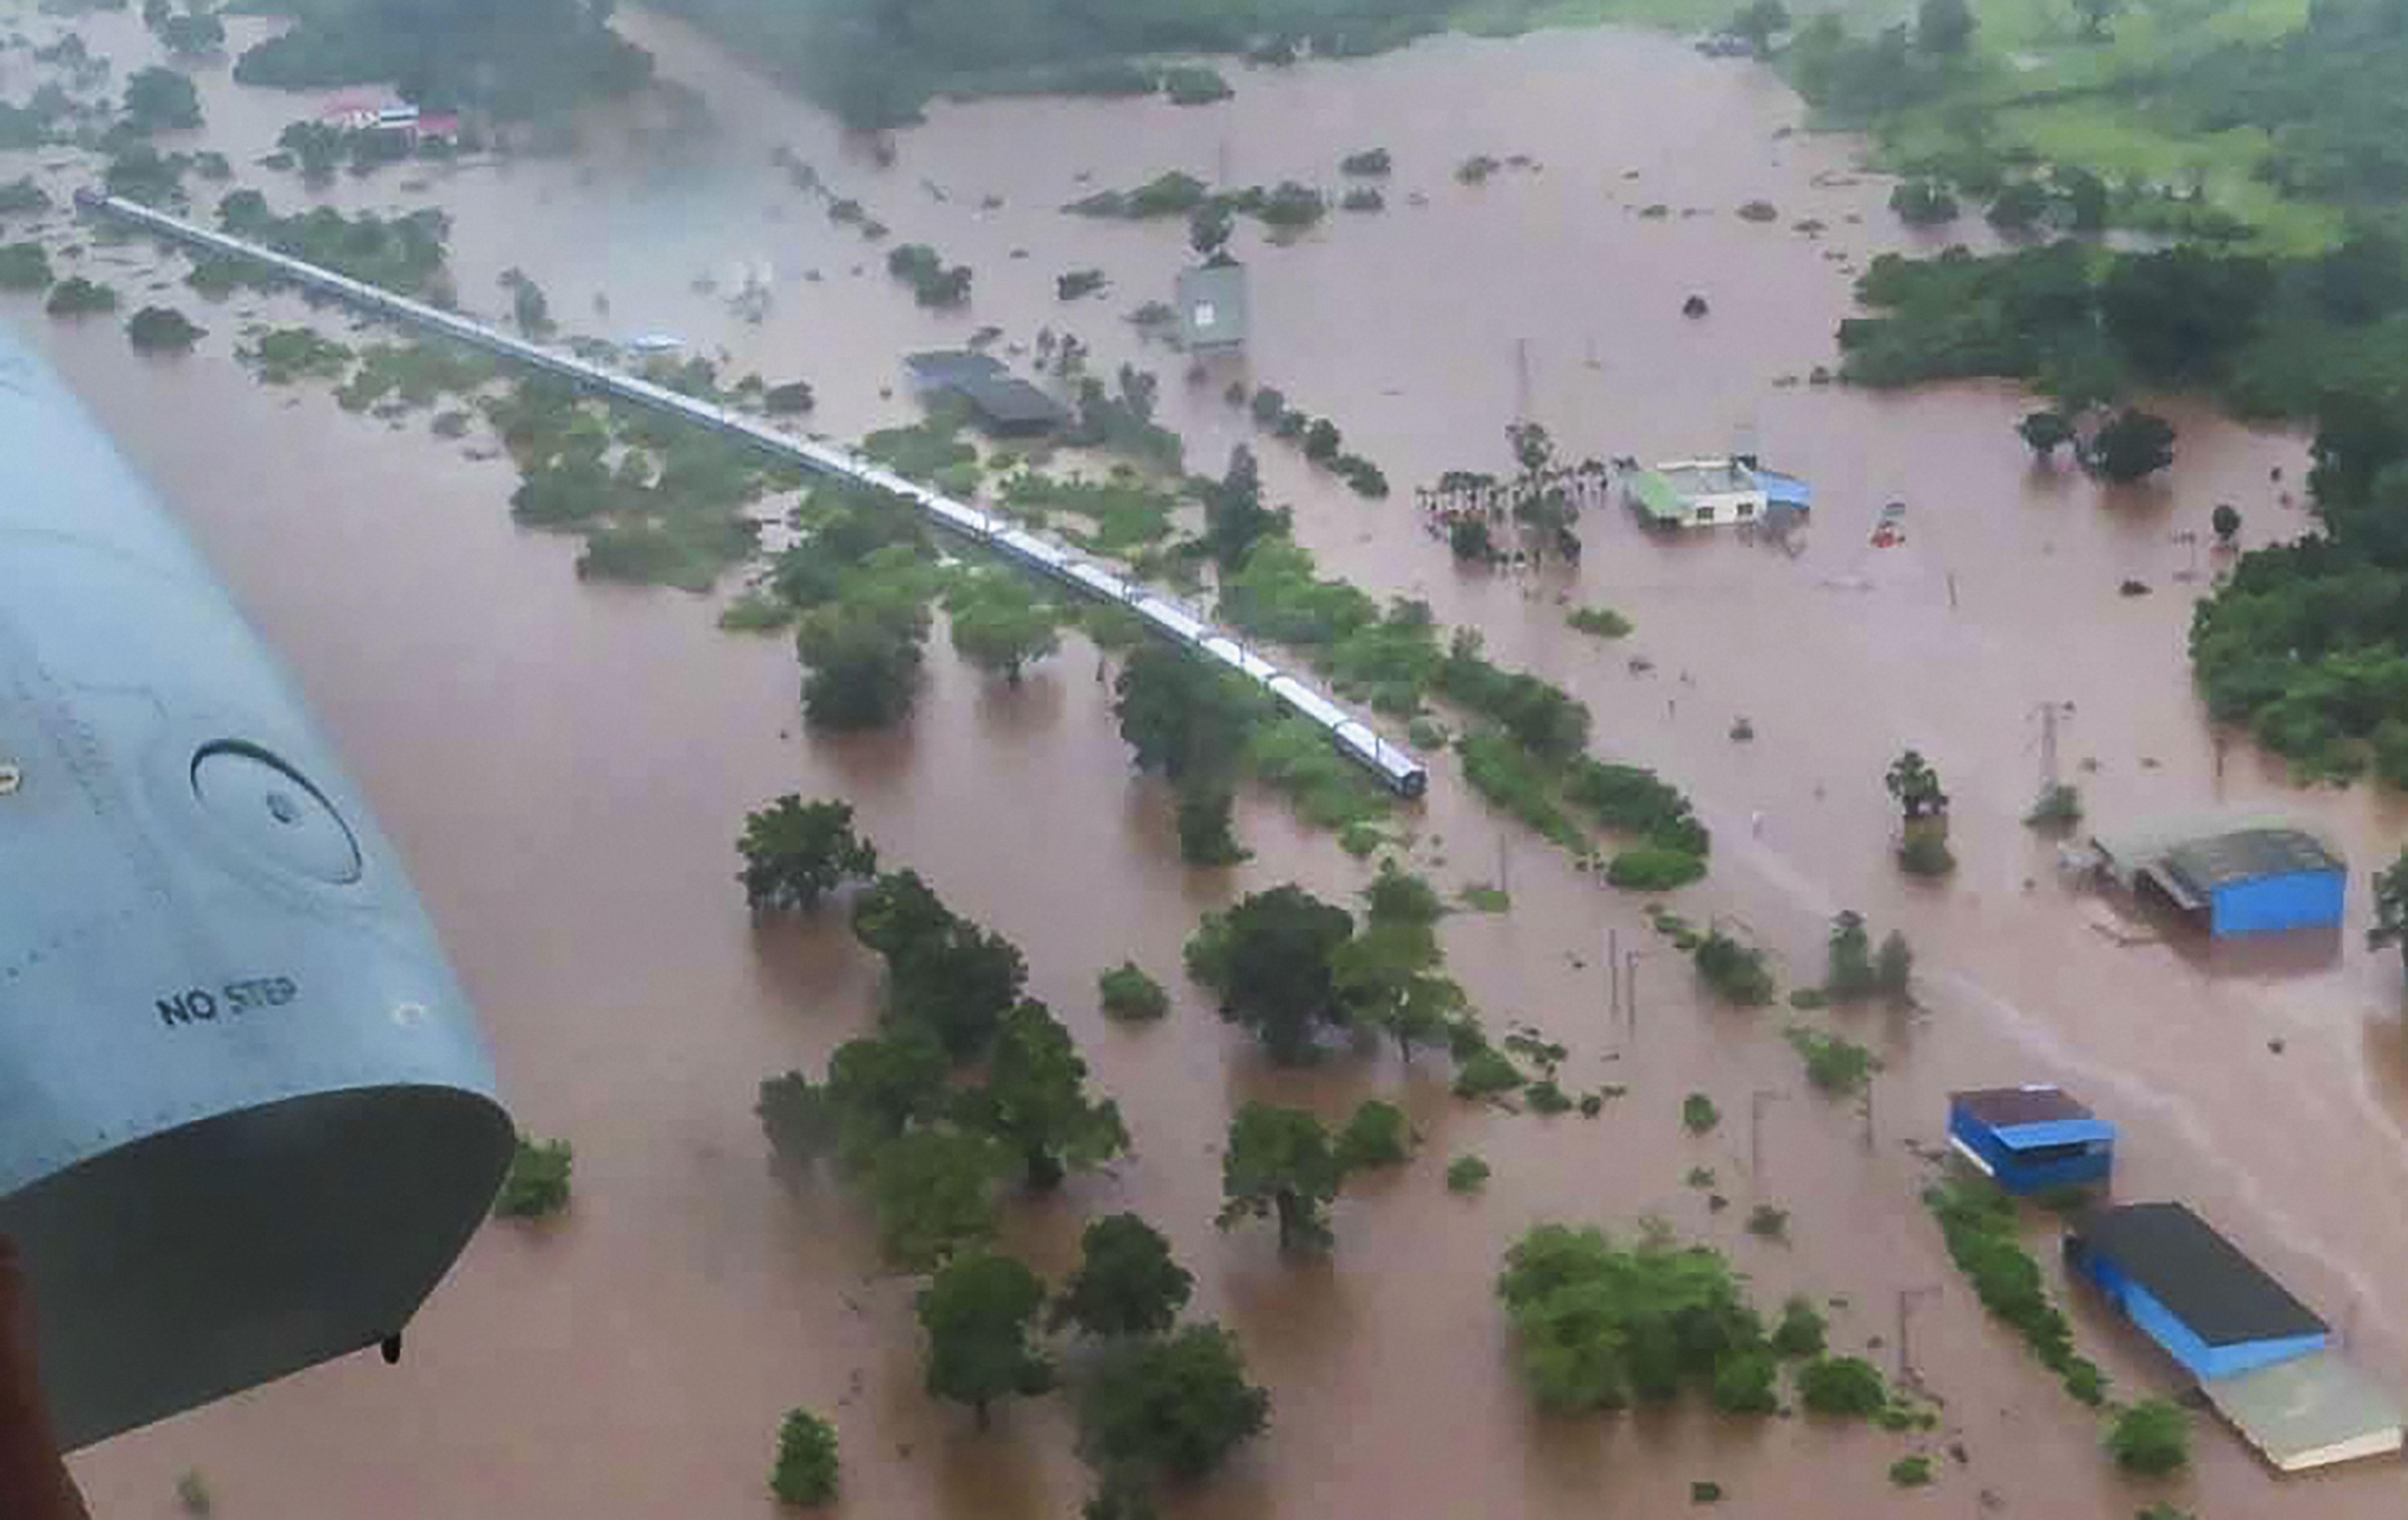 500 rescued from Mahalaxmi Express, says Maharashtra chief minister's office